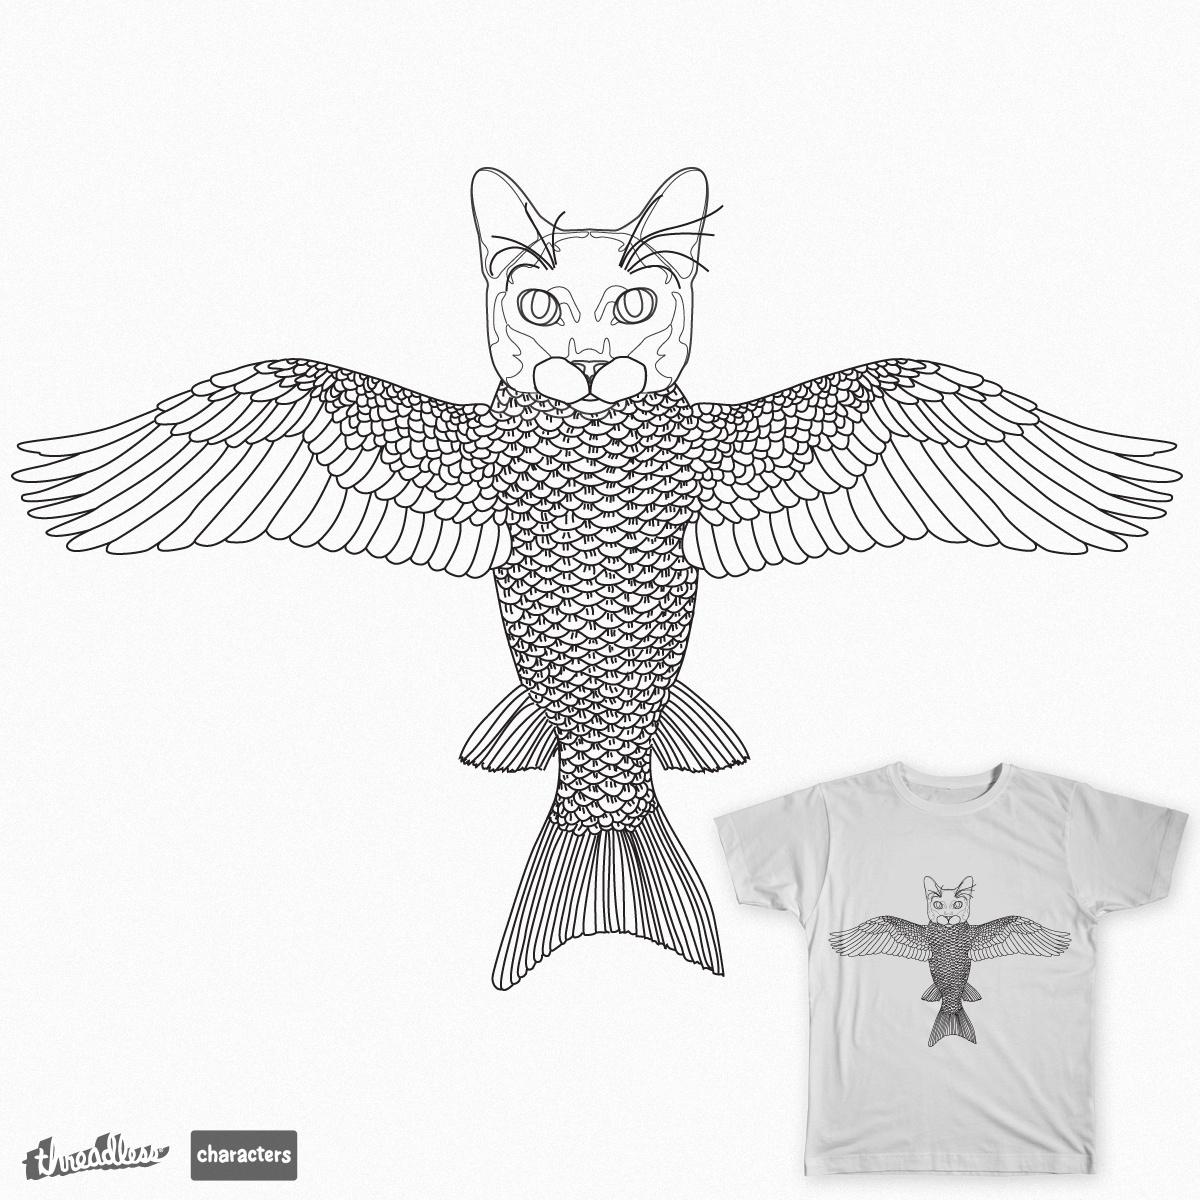 Flying fishcat by shmugavac on Threadless